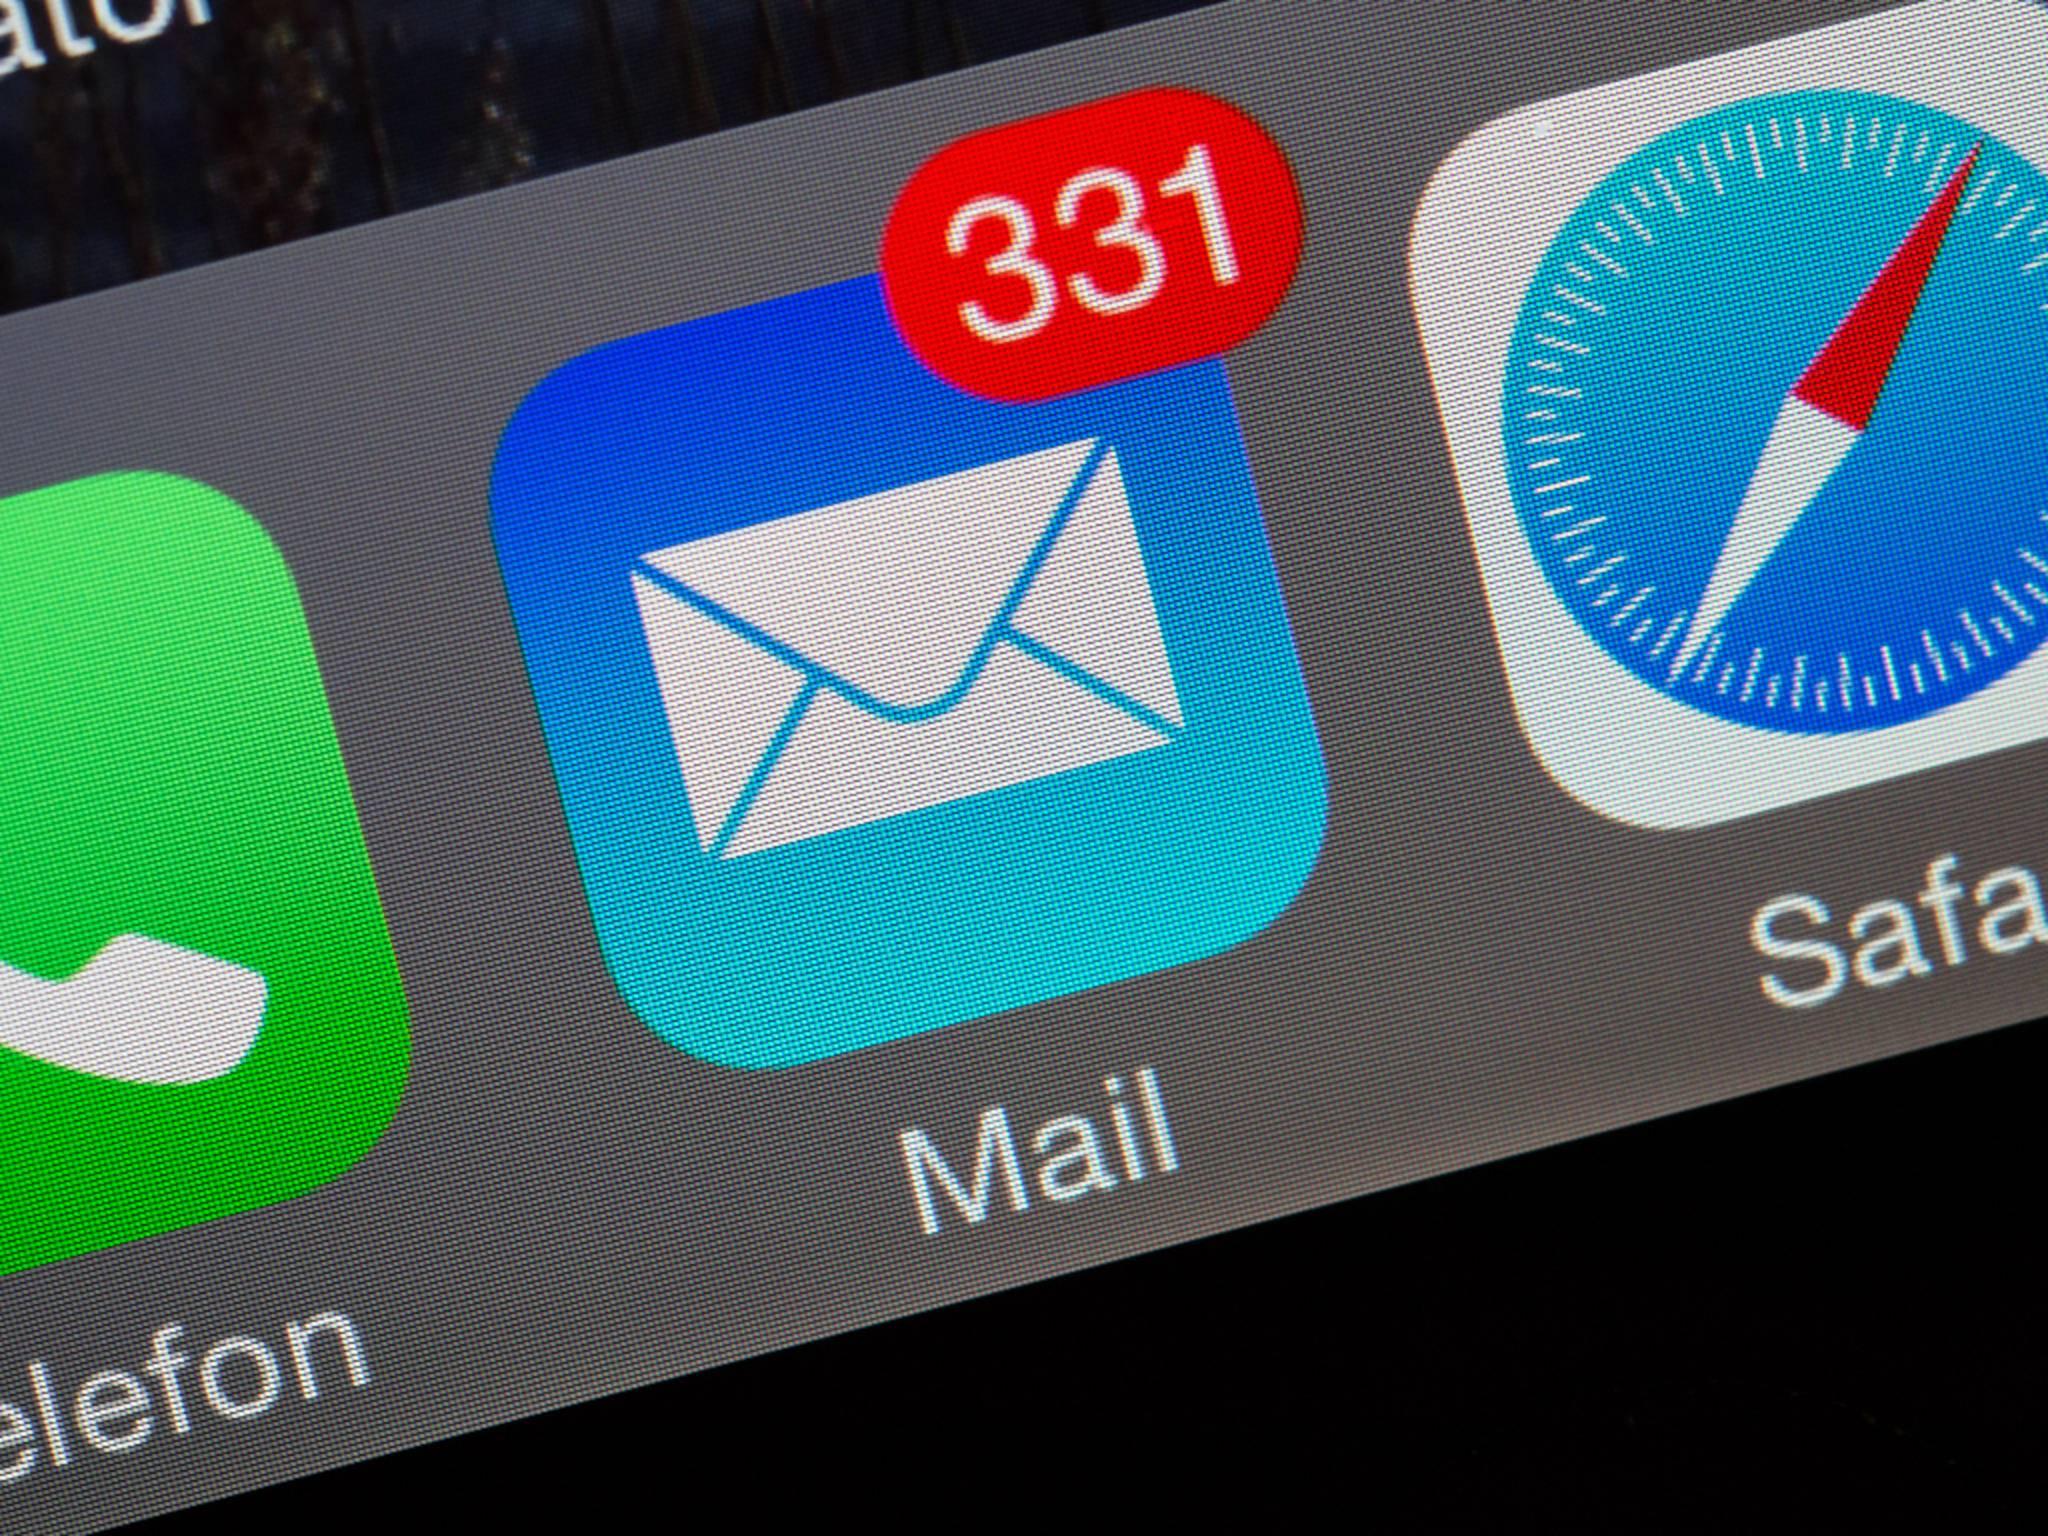 Manche iPhone-Nutzer bekamen Mails aus dem Jahr 1970.